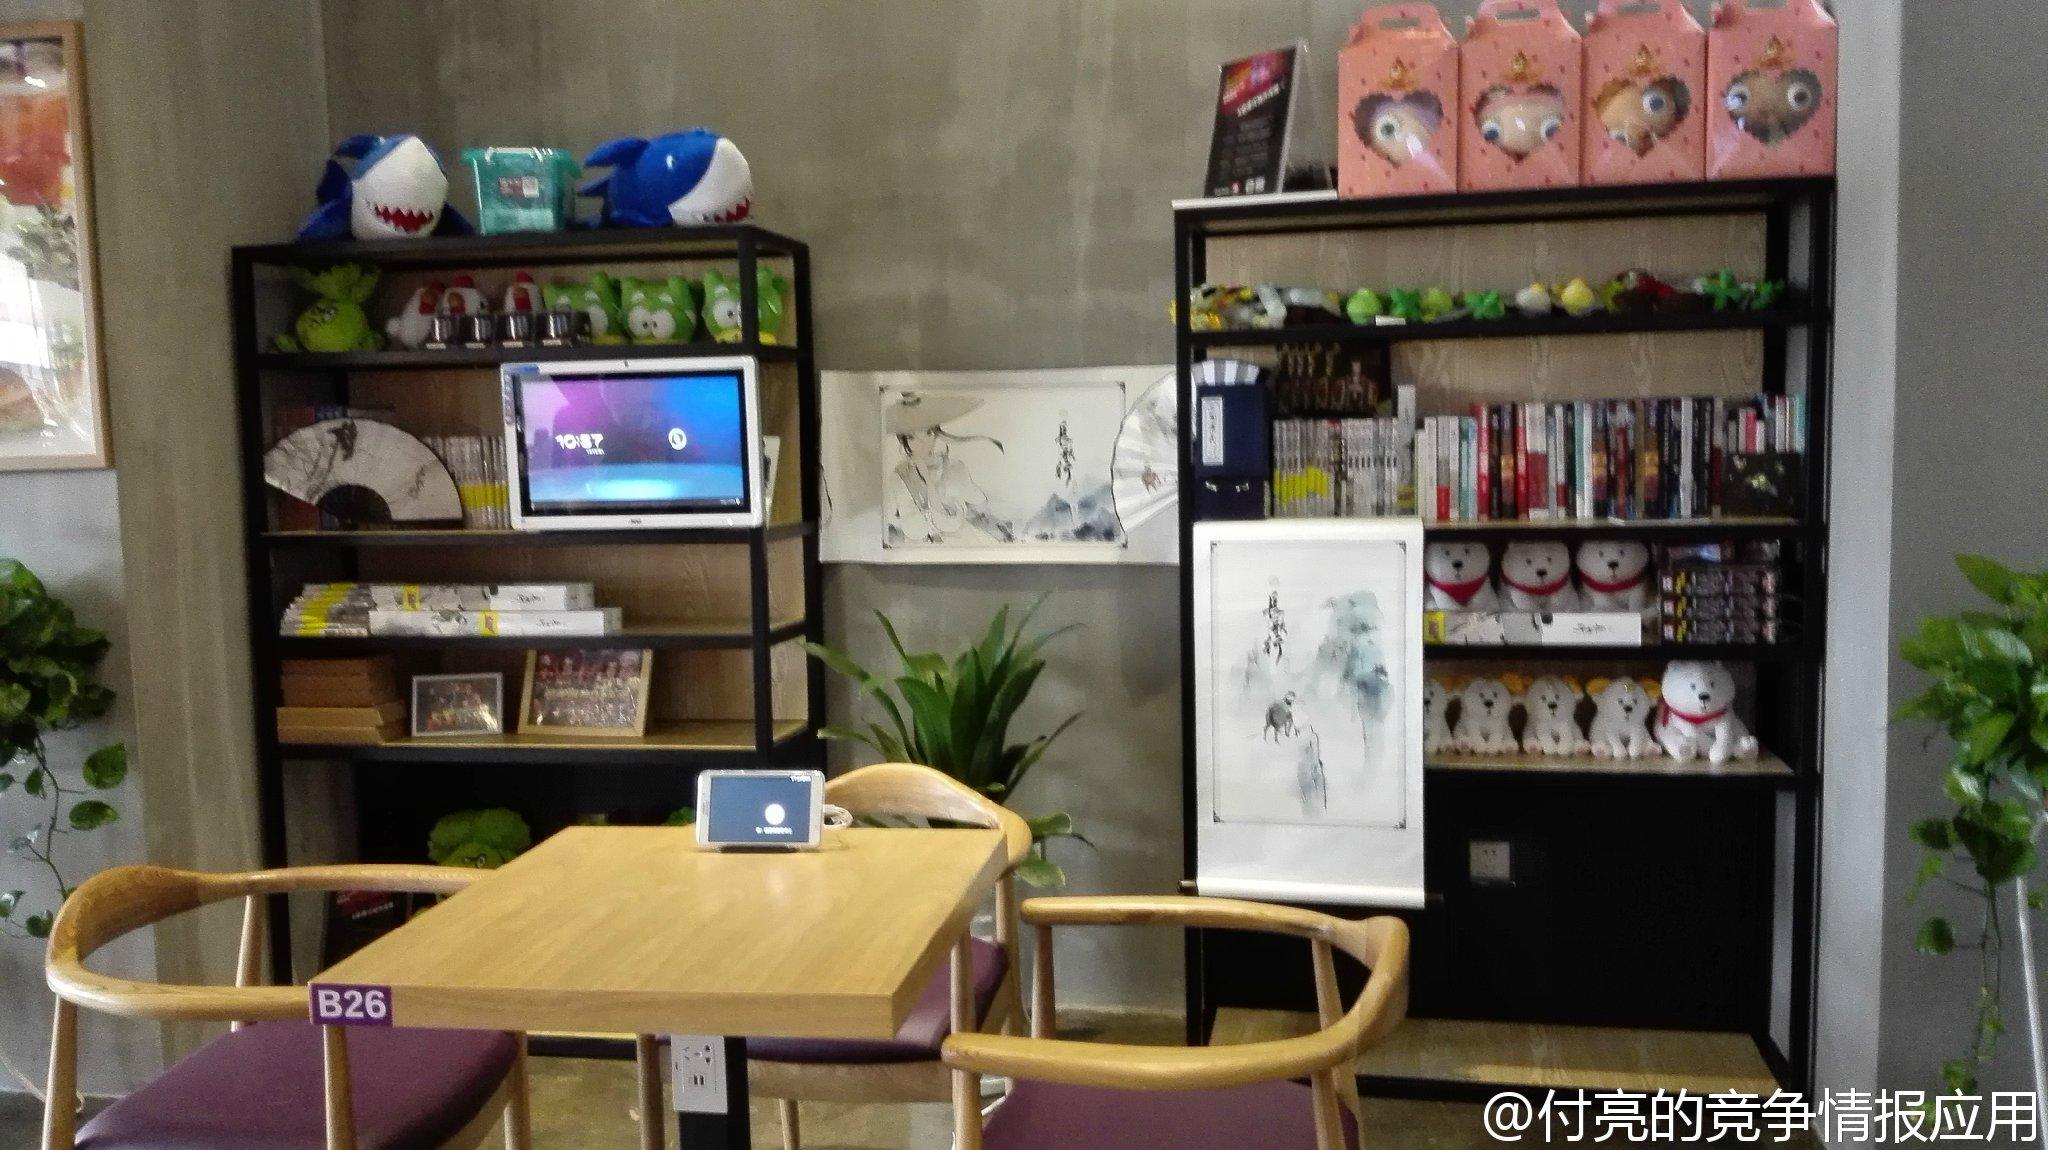 """咪咕咖啡1号店选择开在苏州,就是希望走近高校,打造真正属于年轻人的娱乐生活大本营。咪咕咖啡是对用户业务体验和娱乐方式的全新改变,也是对咪咕""""改变·方式""""理念的诠释。用户通过进店前的门头LOGO与体验游戏,点餐时的美颜咖啡机,就坐后的席卡 餐前游戏 IPAD,4G WiFi的上网体验,到多功能互动屏 主题墙 货架的立体式休闲,可以充分感受到不一样的咖啡3."""